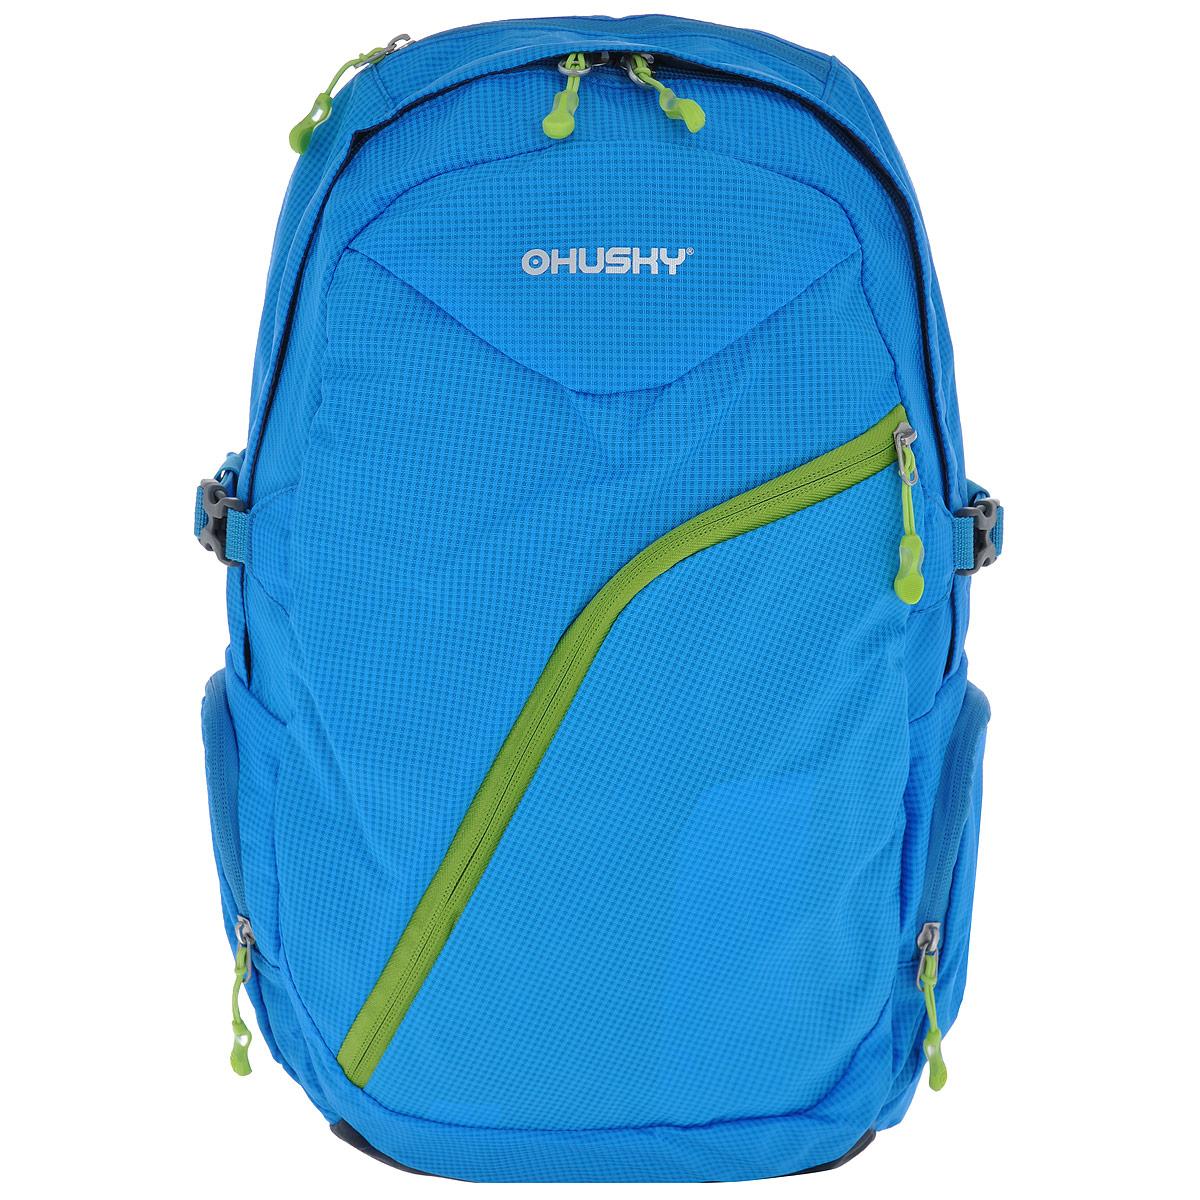 Рюкзак городской Husky Nexy, цвет: голубой, салатовый, 22 лУТ-000066111Городской рюкзак Husky Nexy изготовлен из водонепроницаемого нейлона, оснащен светоотражающими элементами. Рюкзак содержит одно главное отделение, в котором есть карман для переноски ноутбука или планшета.На лицевой стороне находится карман на молнии, внутри которого расположены 4 накладных кармана для канцелярии. По бокам рюкзака находятся 2 кармана на молнии. Сверху также есть 1 карман на застежке-молнии. Рюкзак очень удобно носить благодаря системе вентиляции спины AMS и широким лямкам.Вес: 550 г.